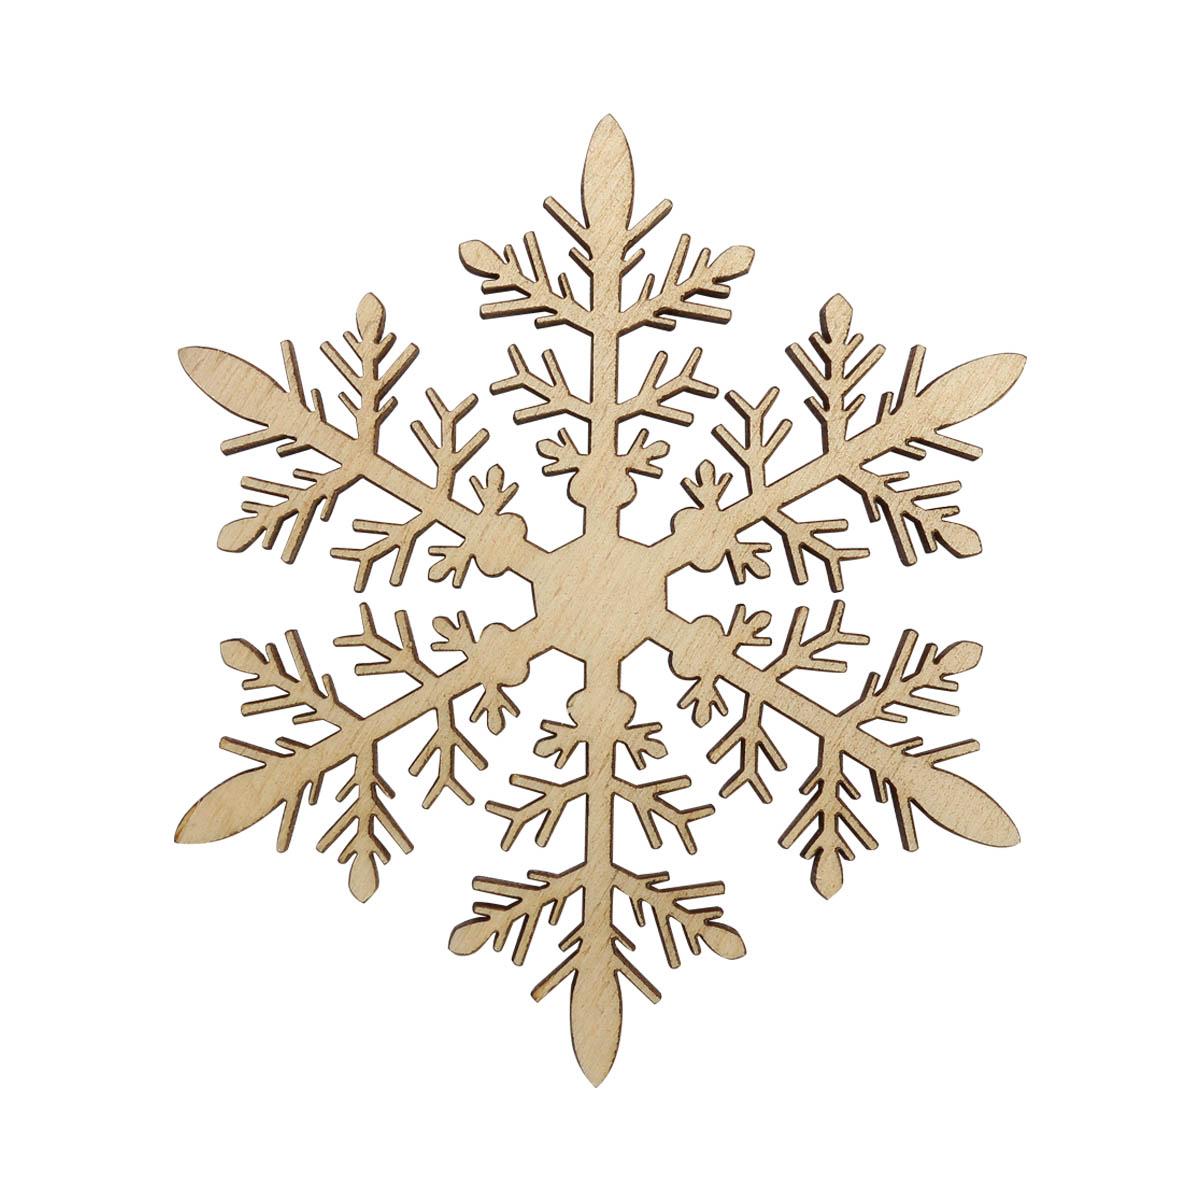 L-1153 Деревянная заготовка 'Снежинка'№12 11*9,6*0,4см Астра